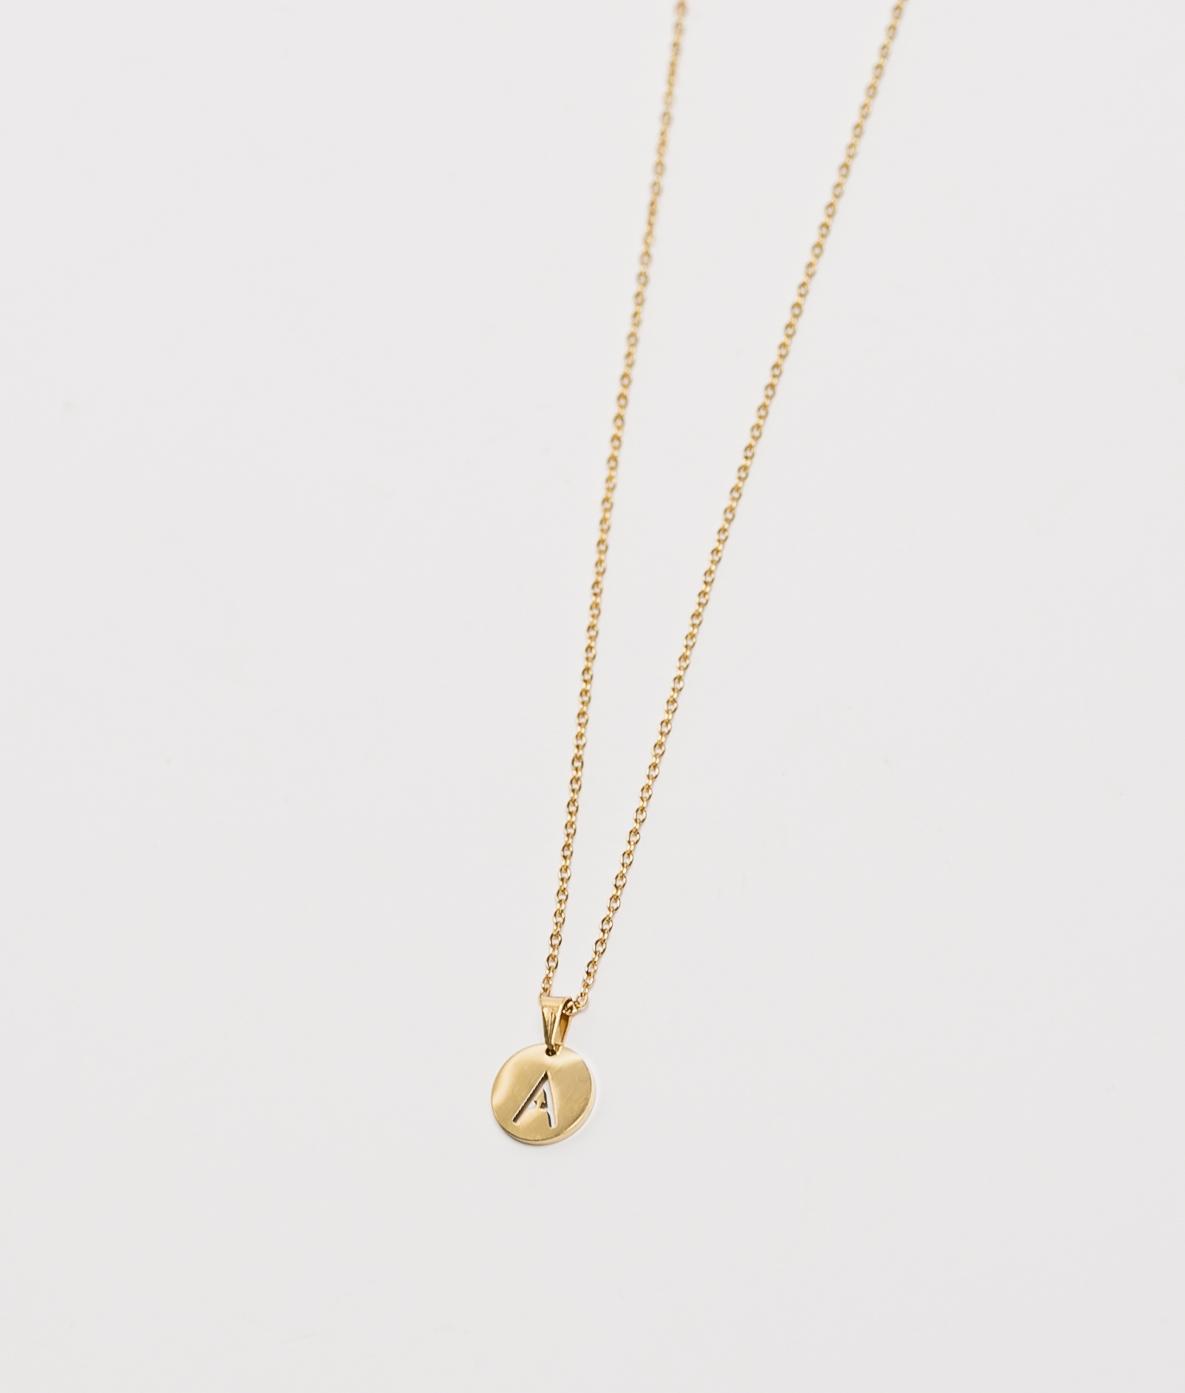 NECKLACE INDELEIN - GOLD